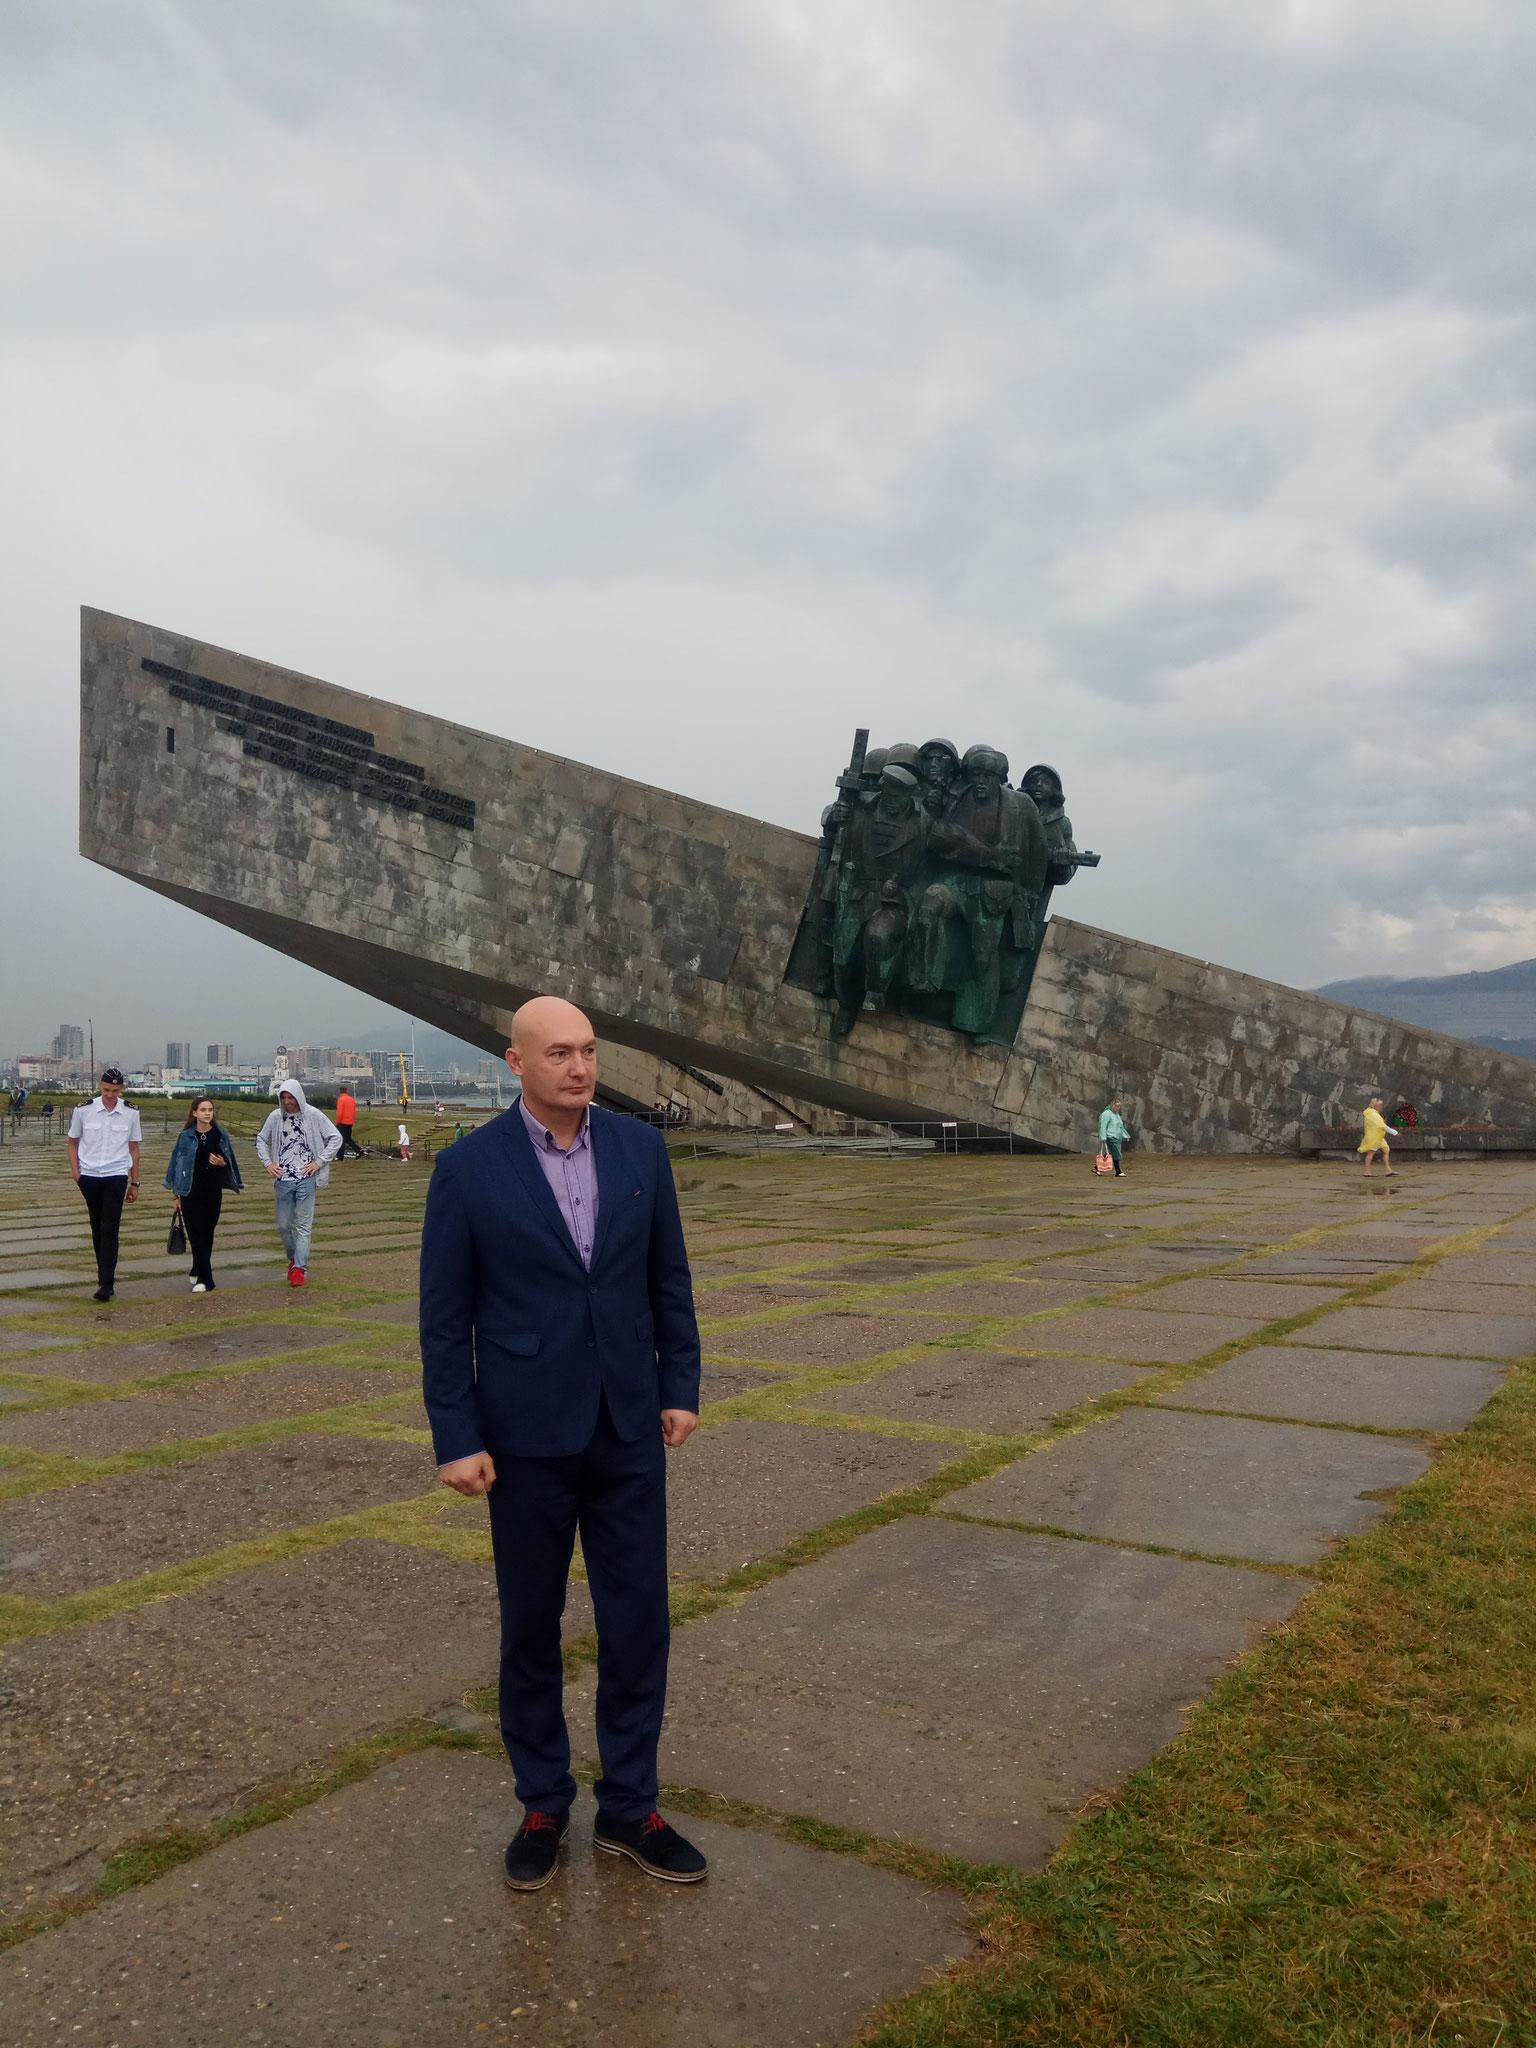 Malaya Zemlya, Hero City Novorossiysk, 12.9.2021